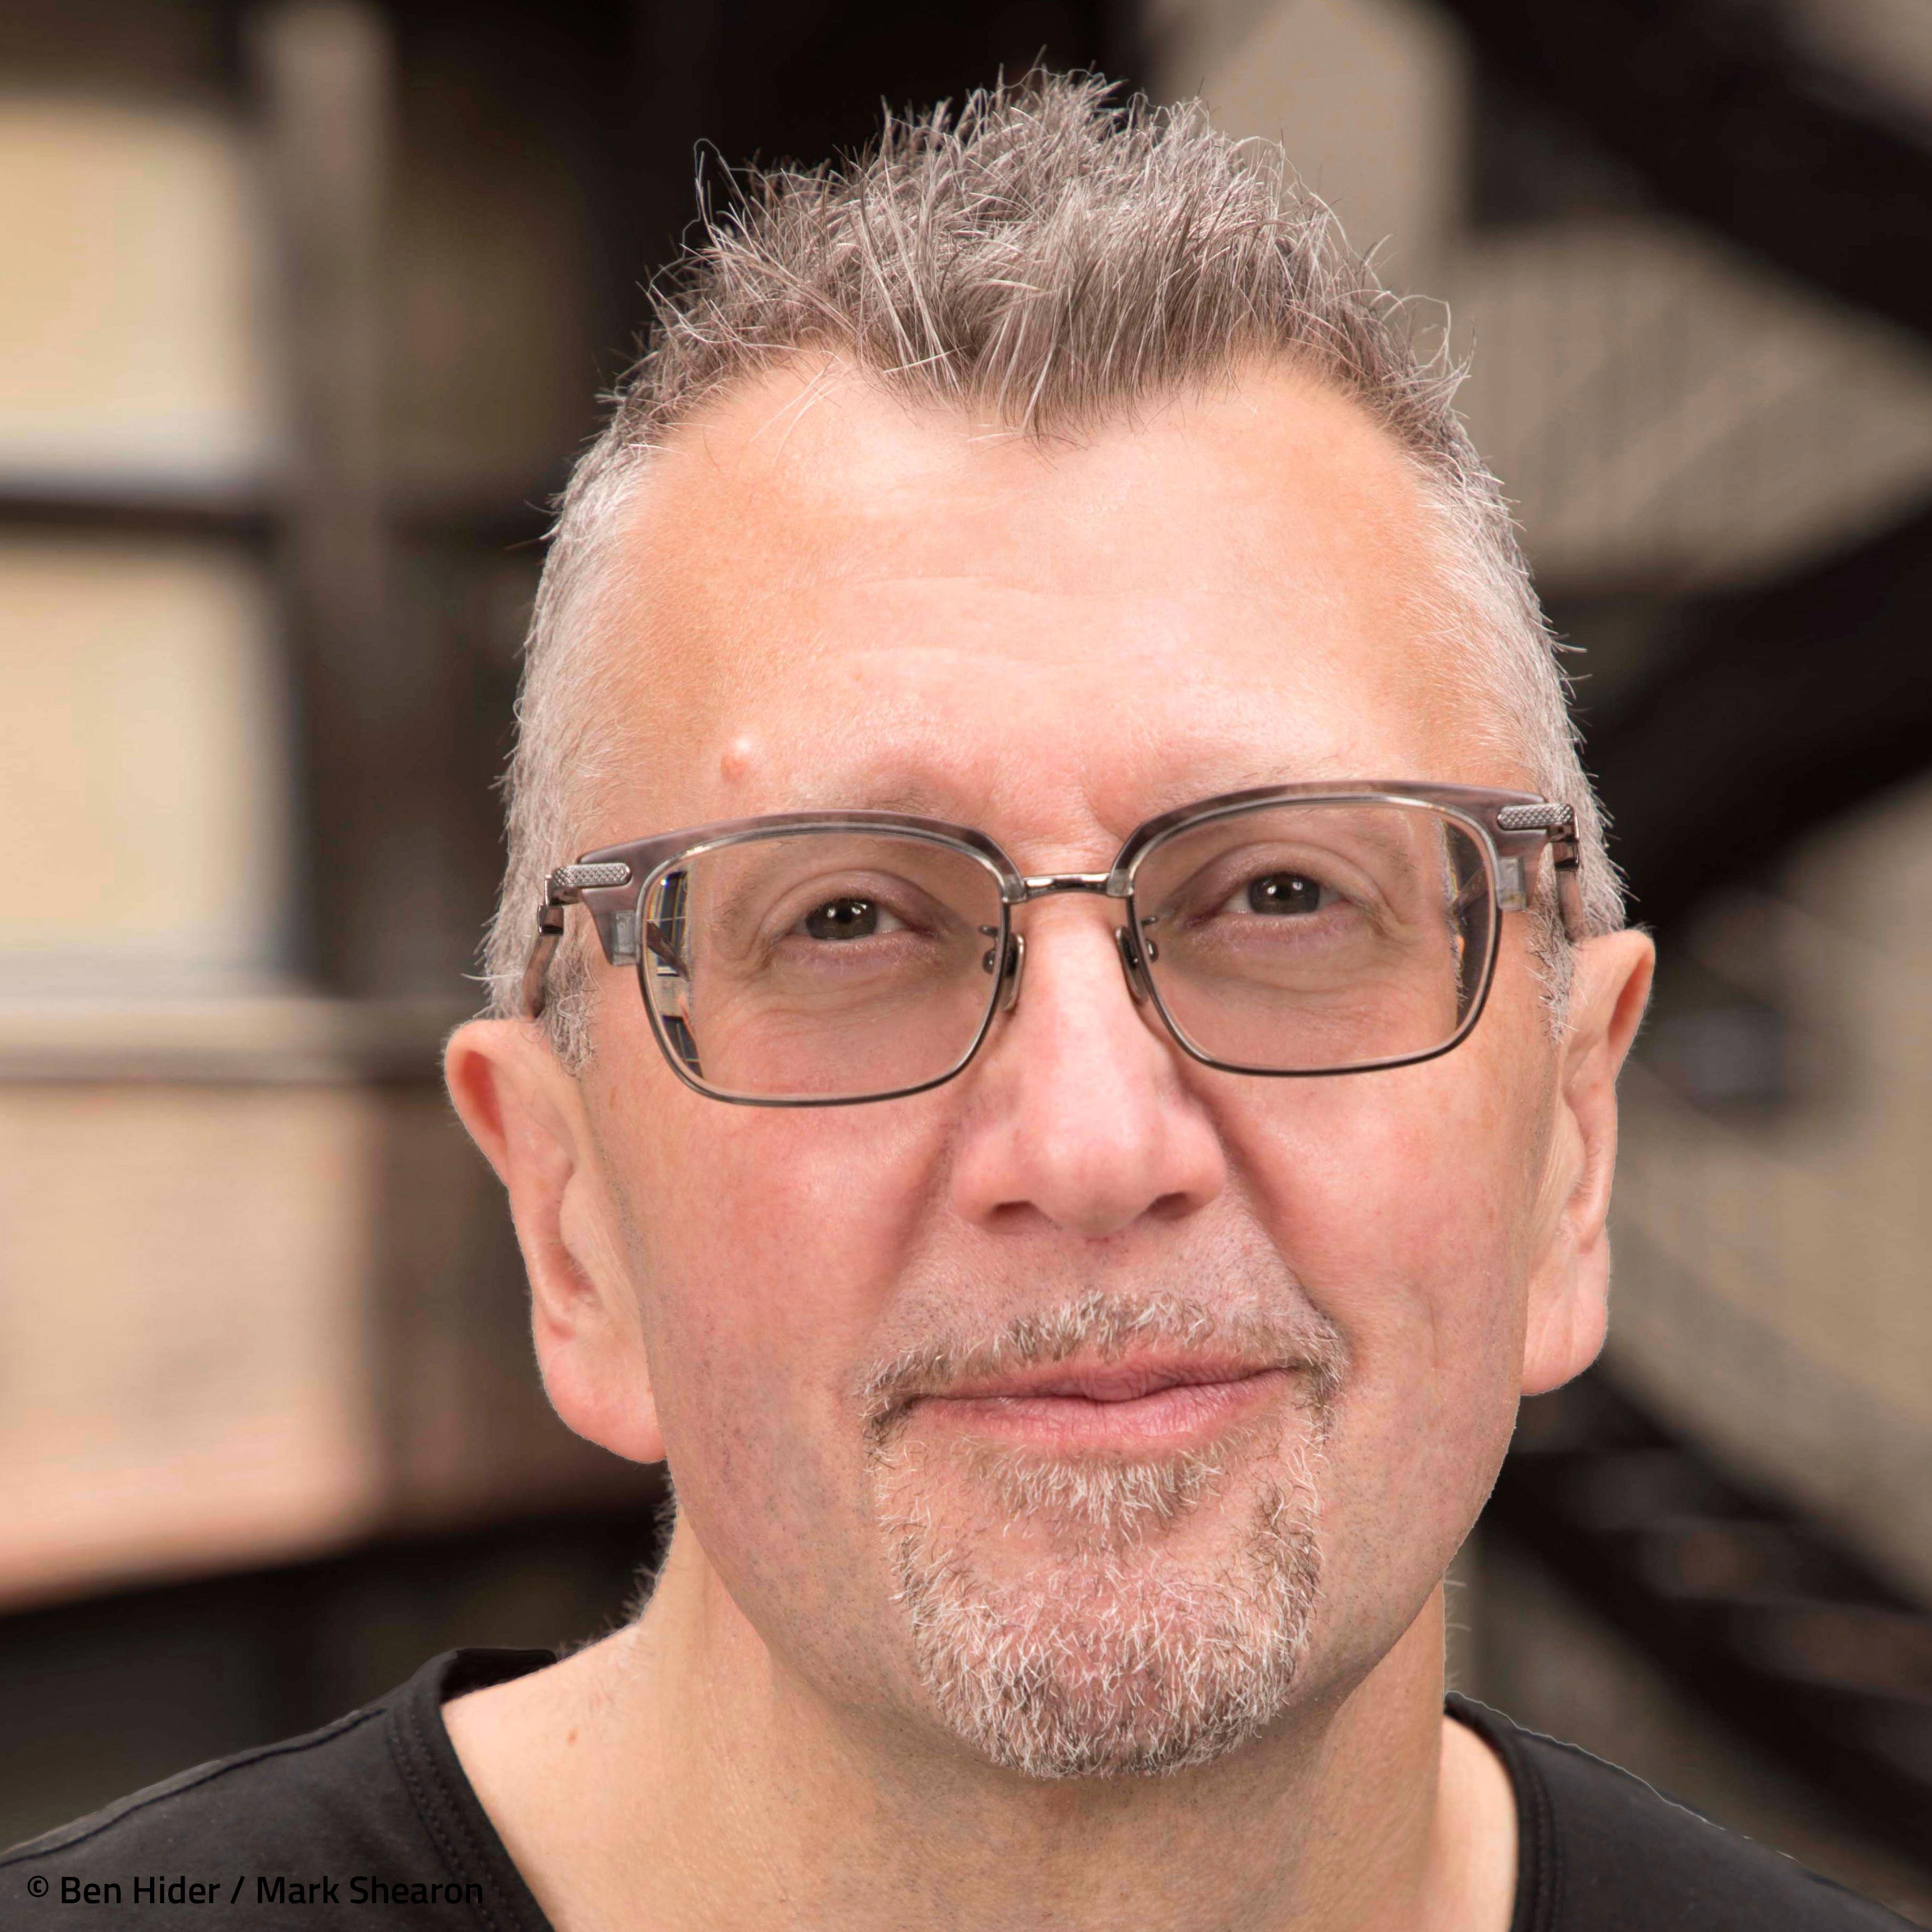 Mark Shearon